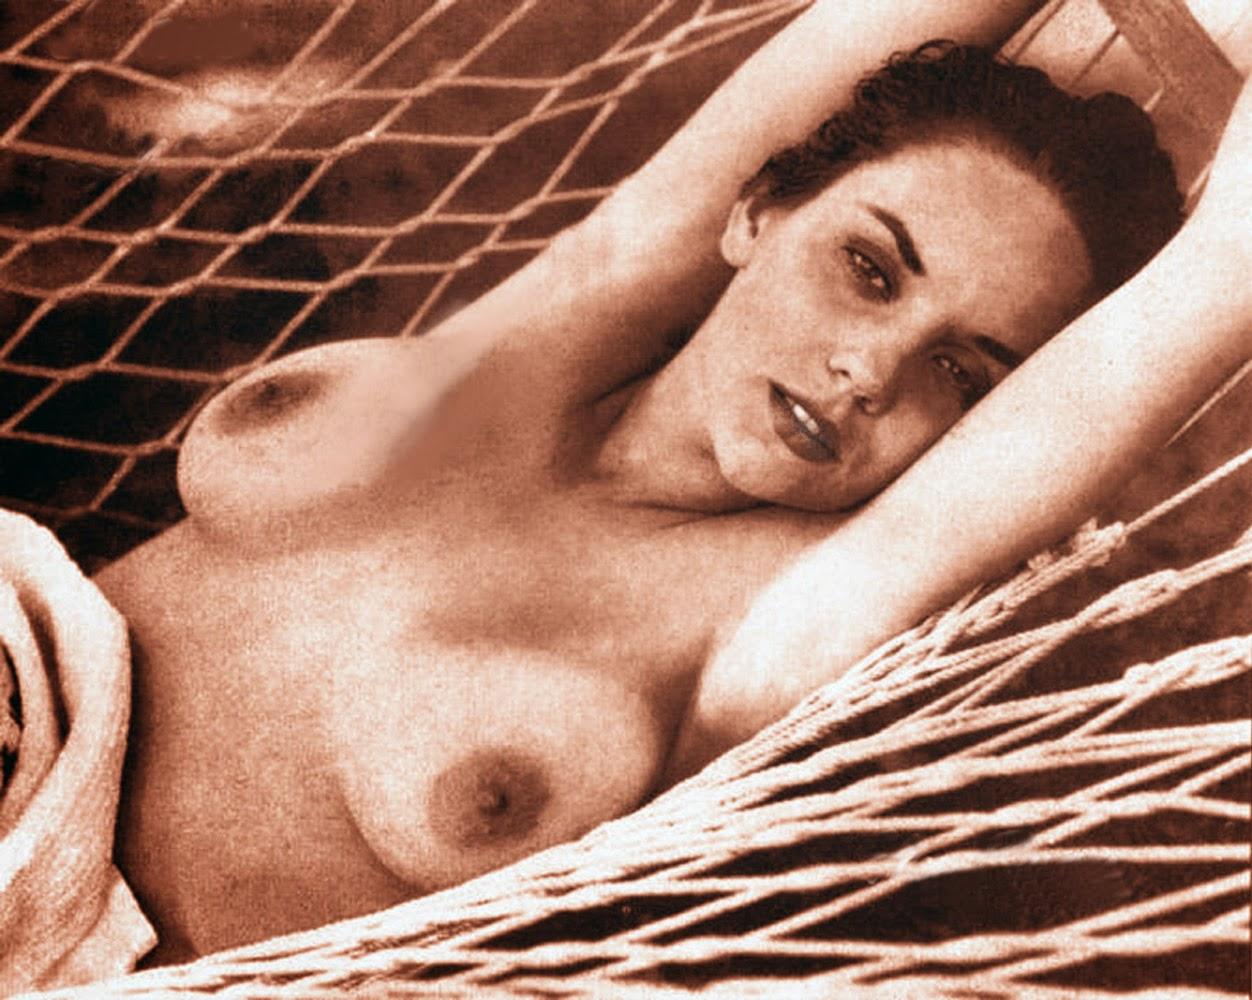 Mature movie diane lane nude pictures